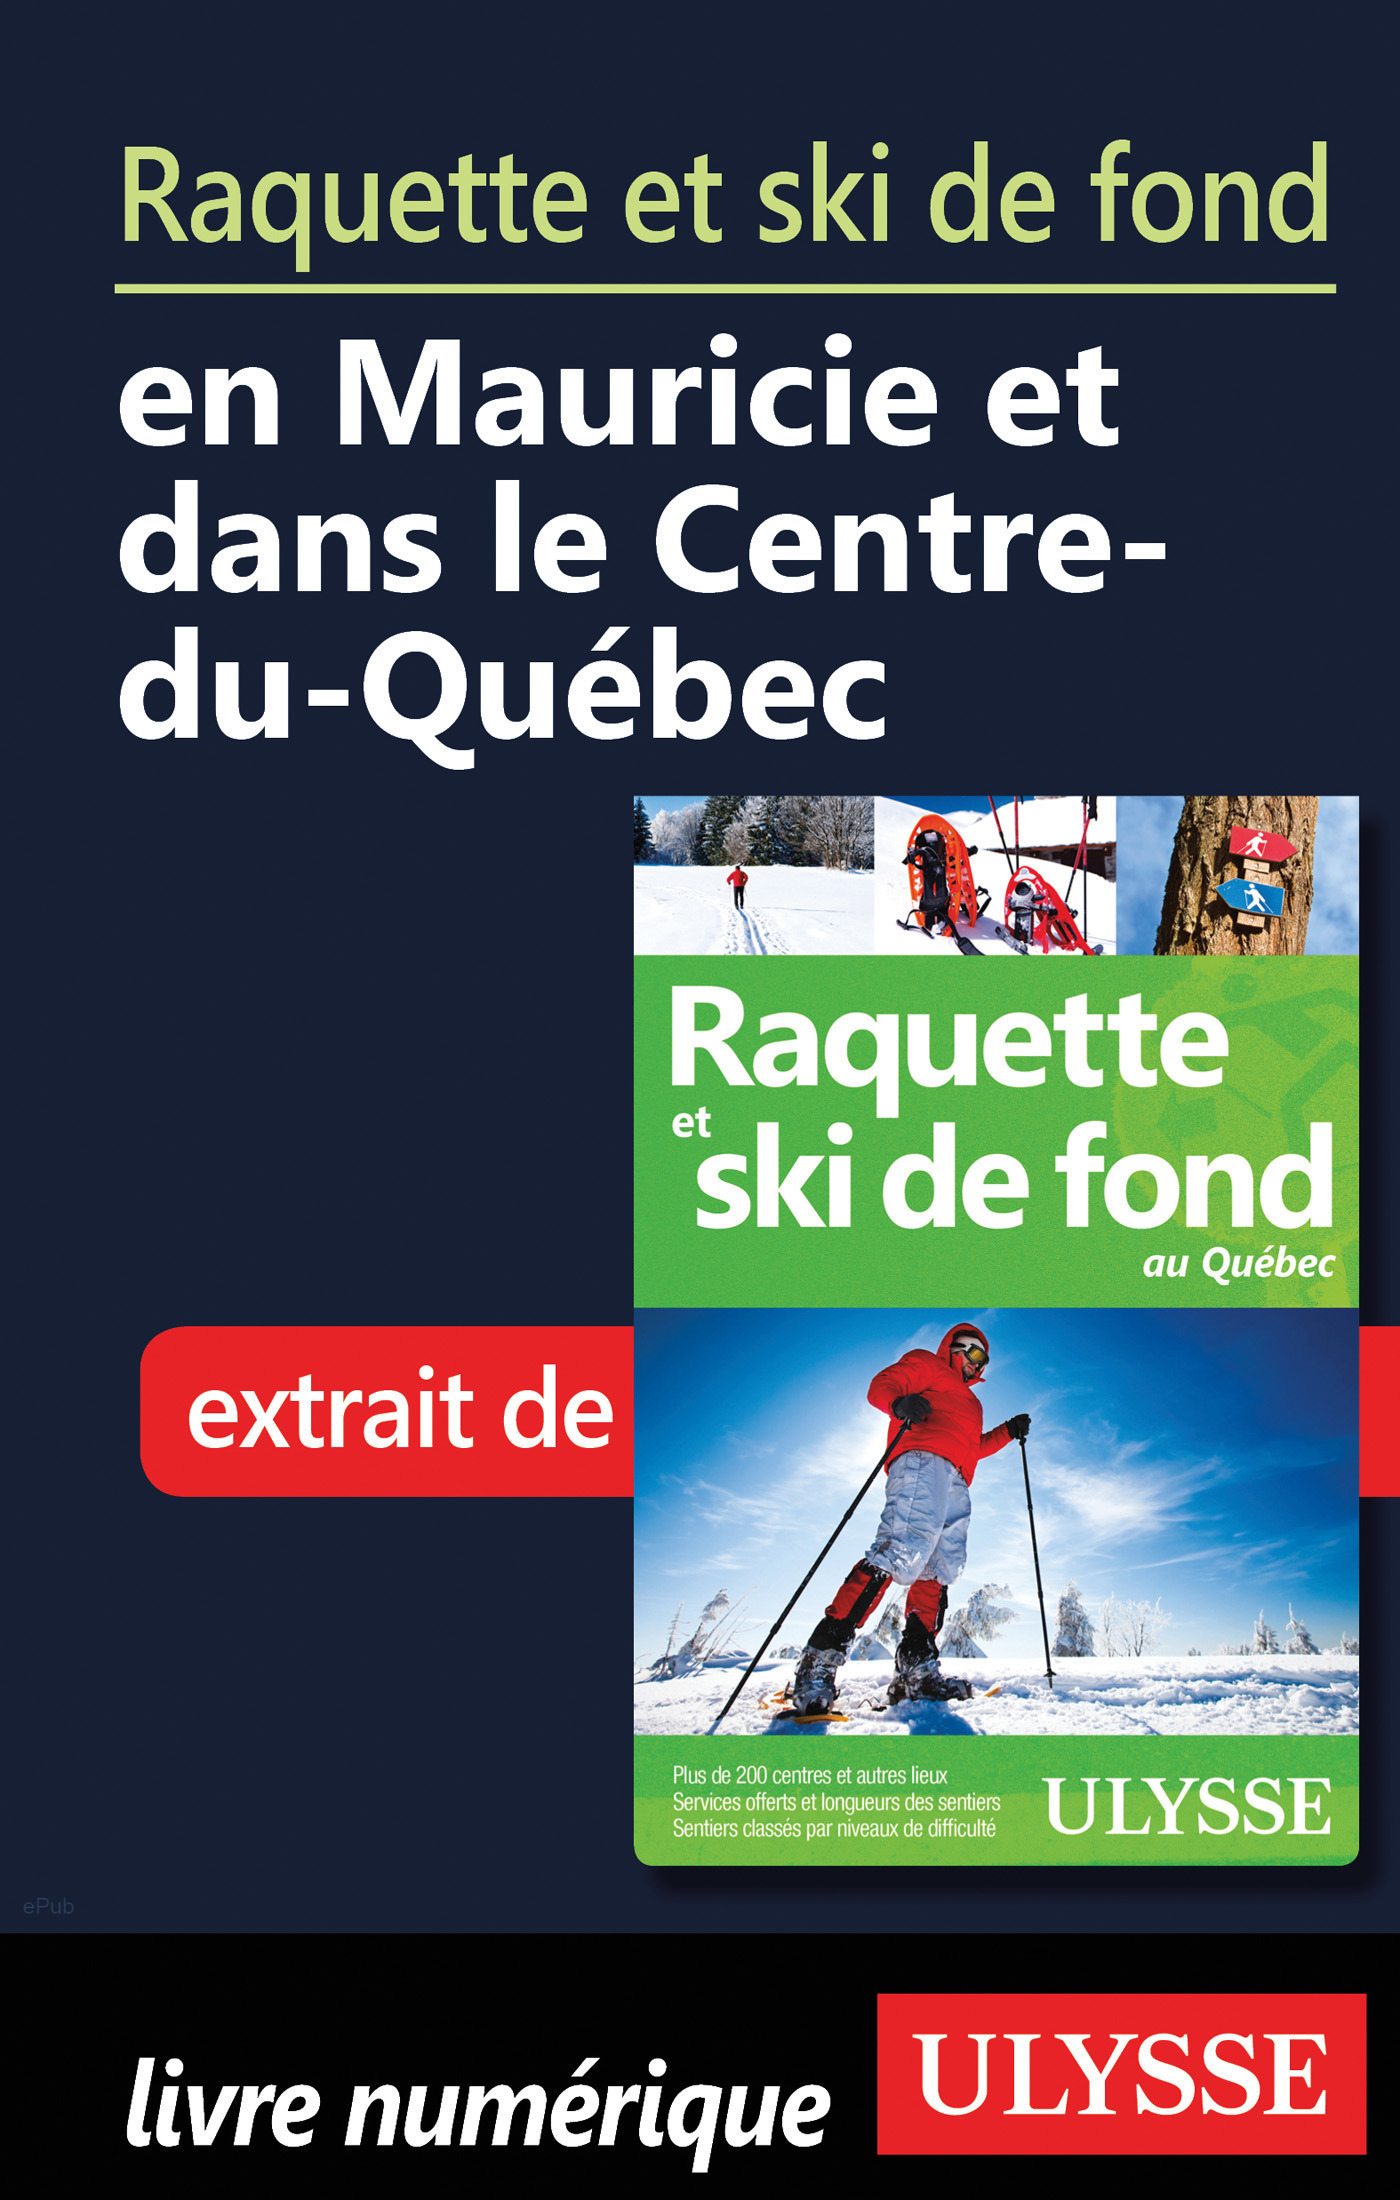 Raquette et ski de fond en Mauricie et Centre-du-Québec